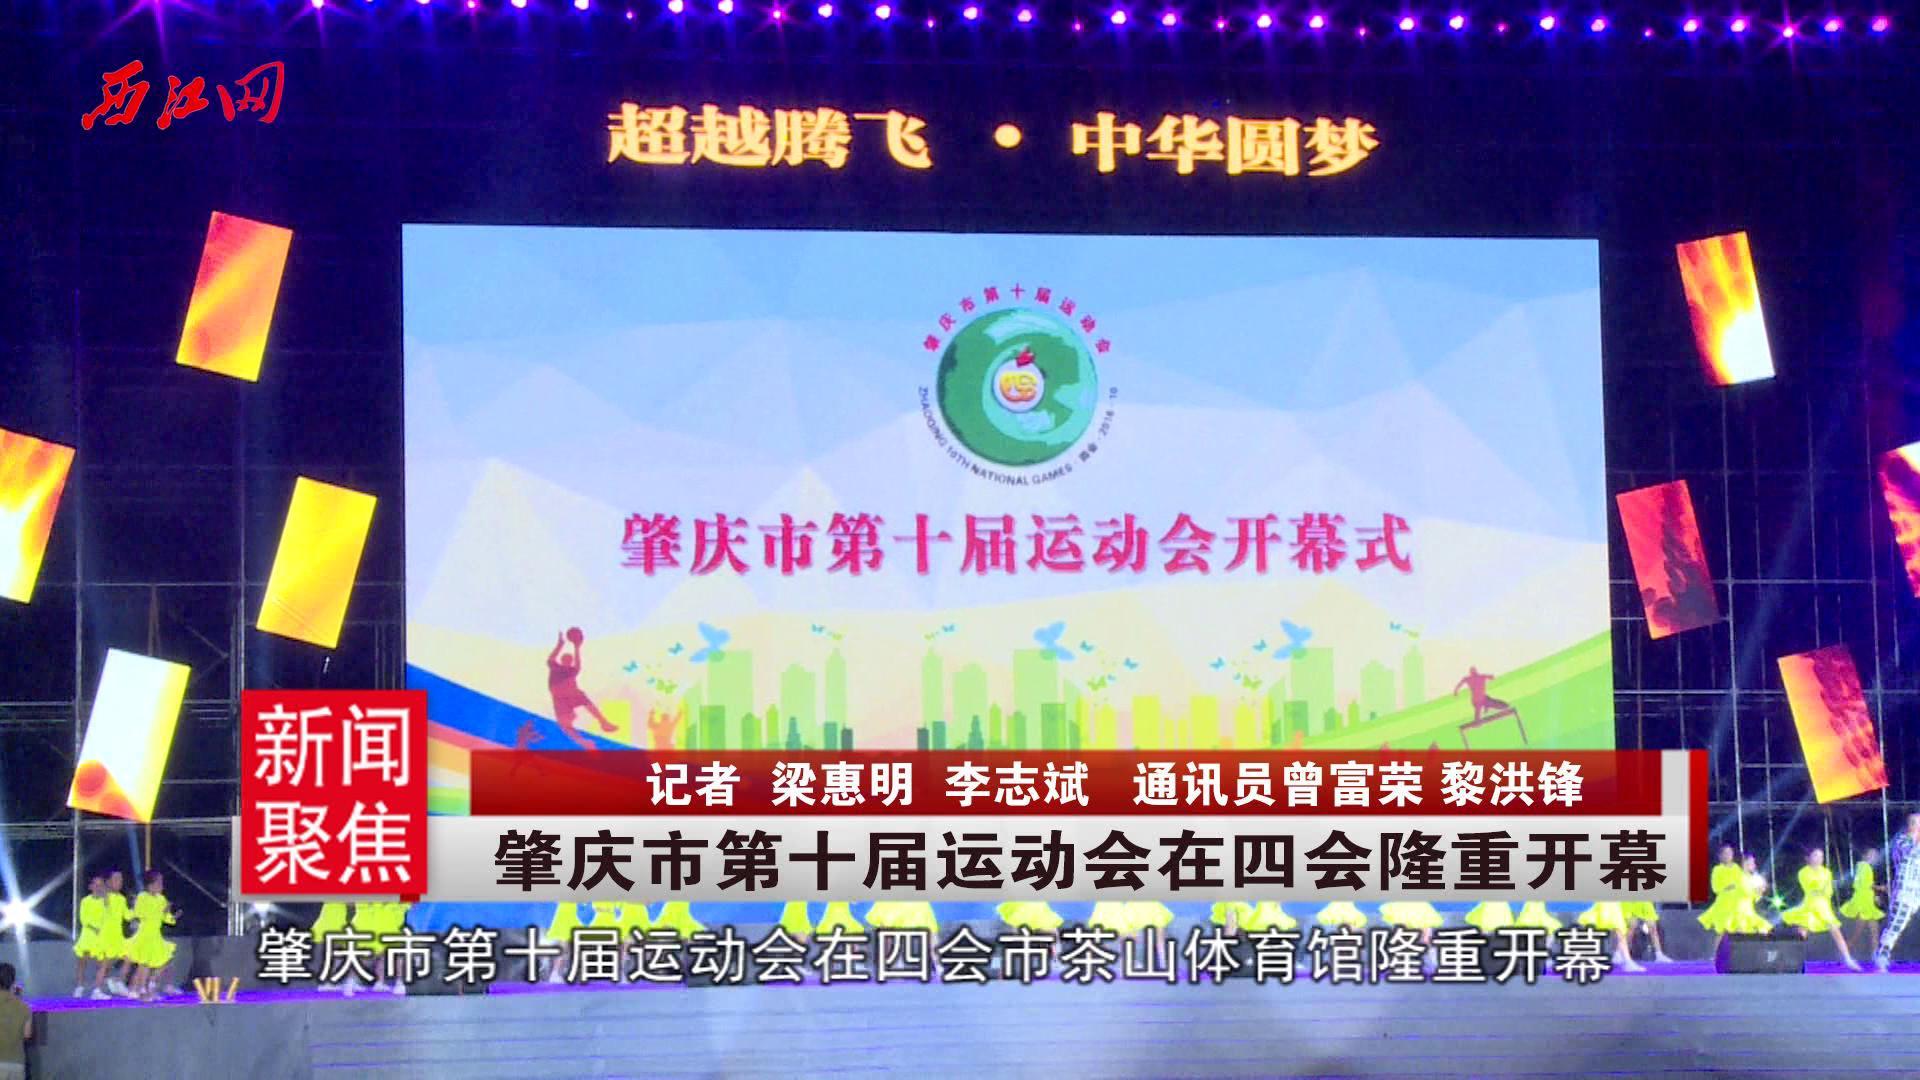 肇庆市第十届运动会在四会隆重开幕